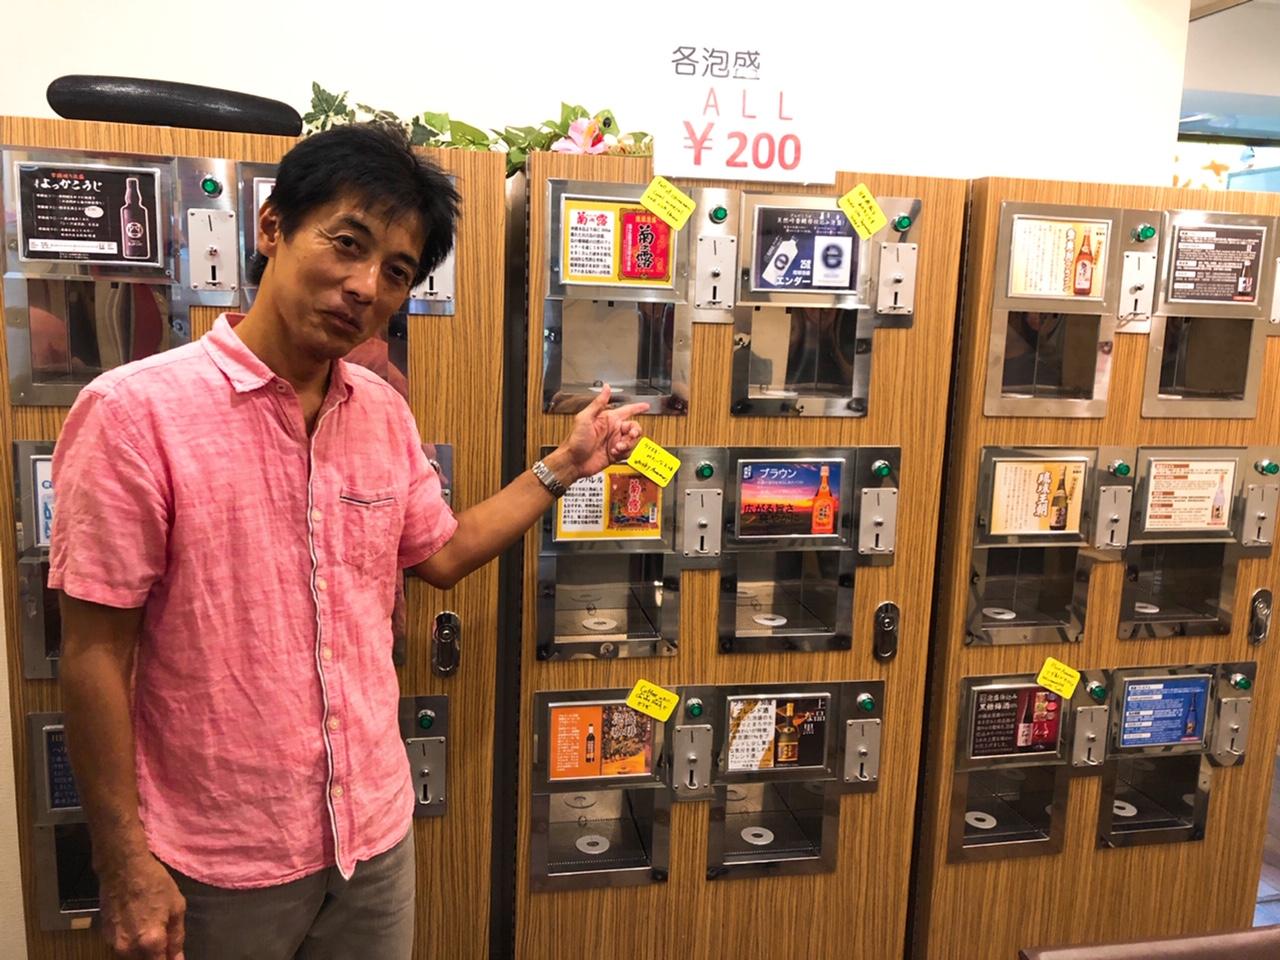 どの泡盛も1杯200円?!マチグヮーに泡盛の自動販売機現る!